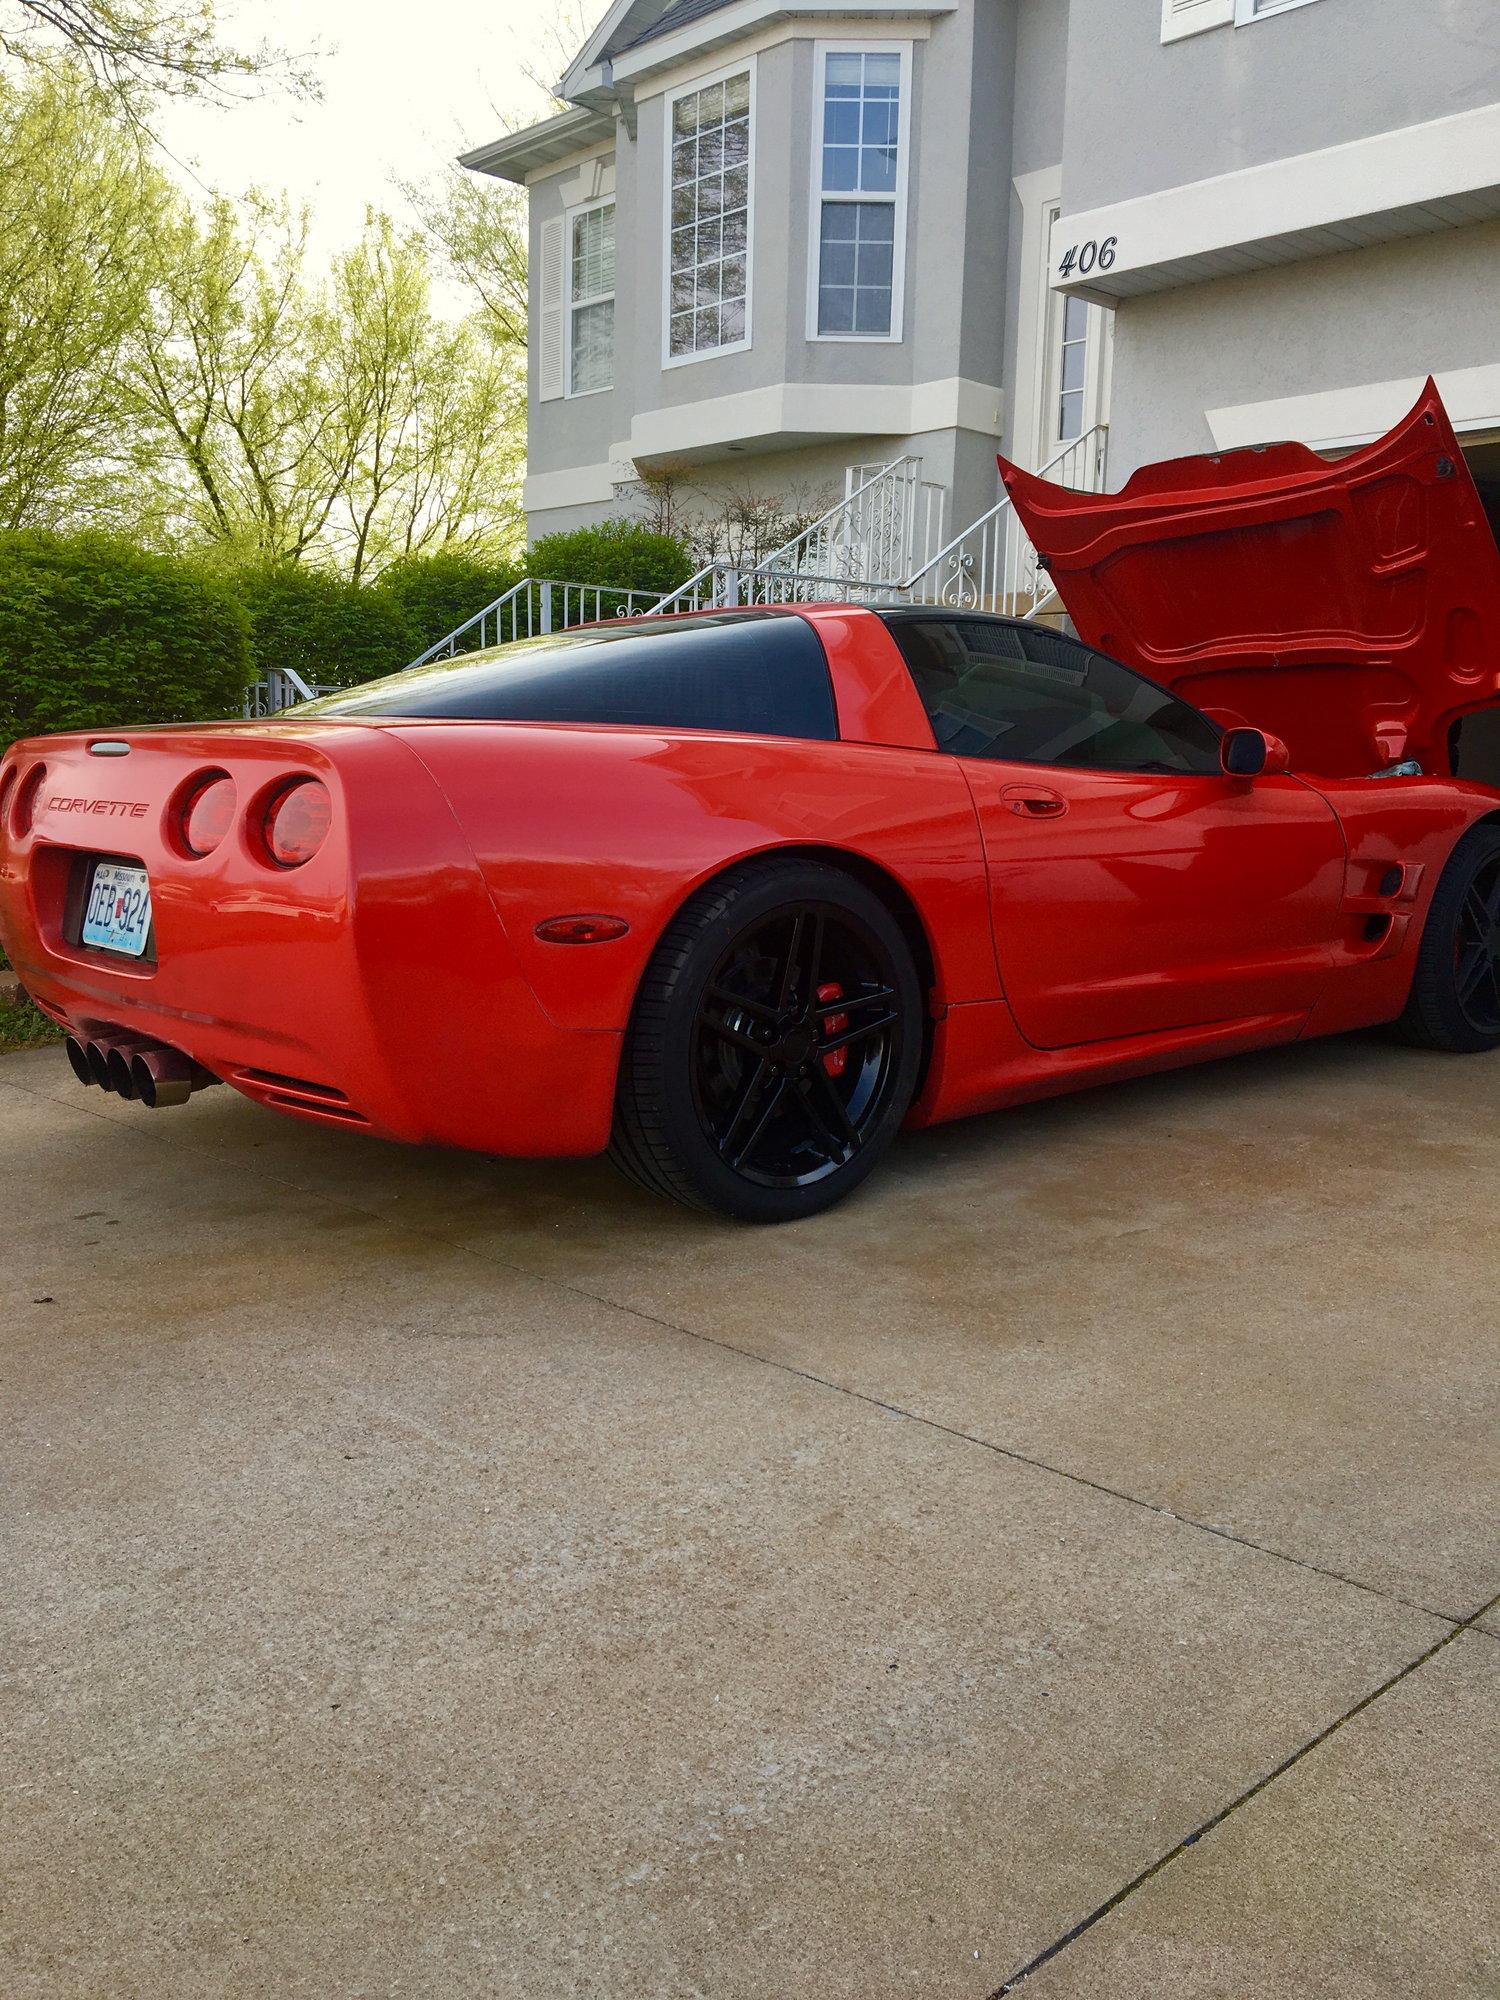 98 vette built for big boost - LS1TECH - Camaro and Firebird